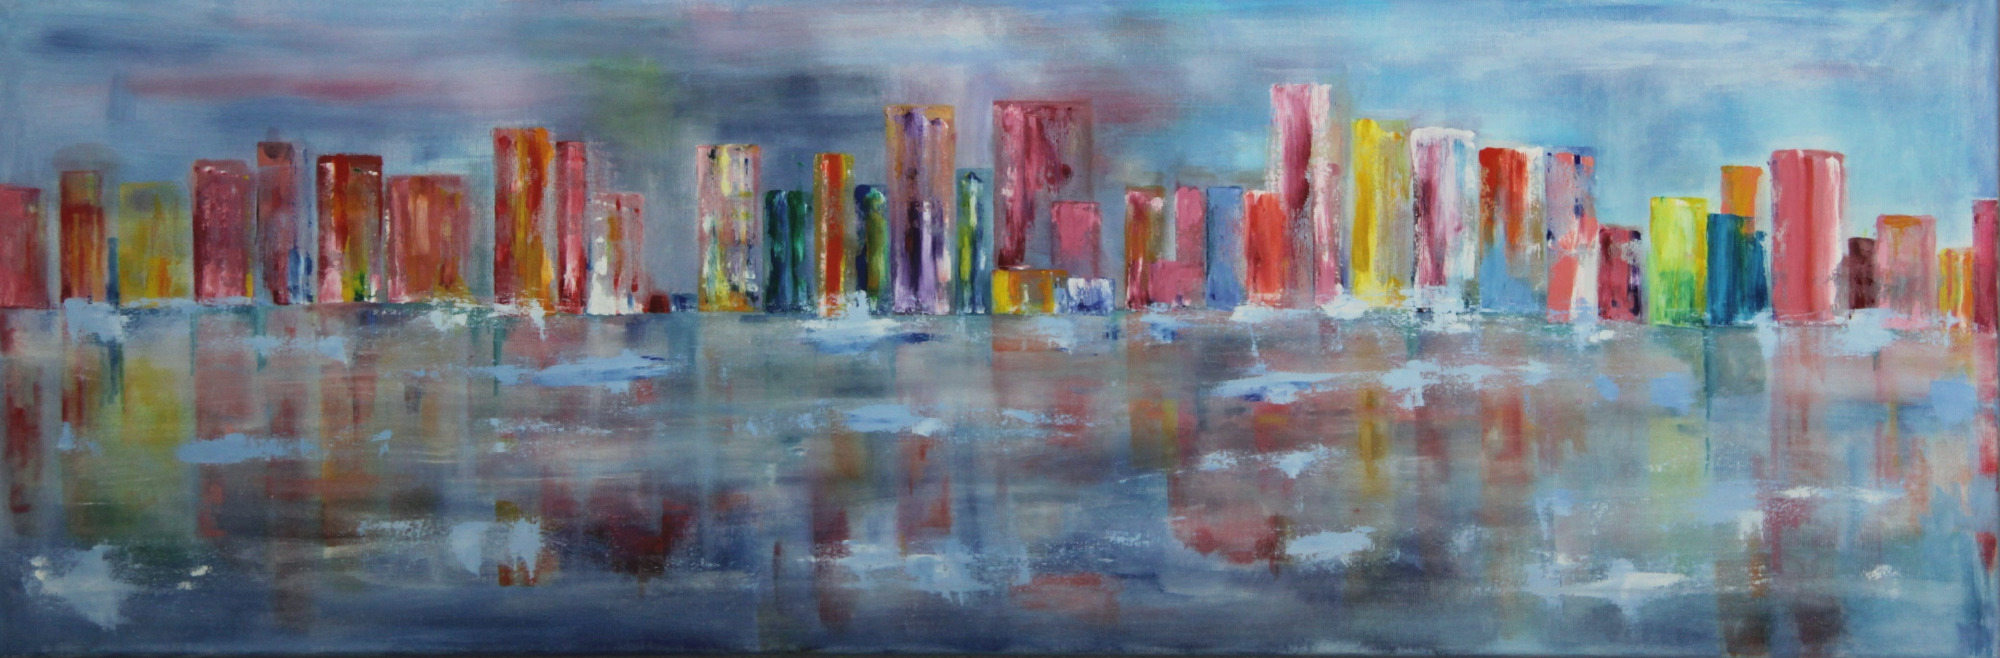 Stadt am Wasser  2019, 120 x 40  Acryl / Öl auf Leinwand